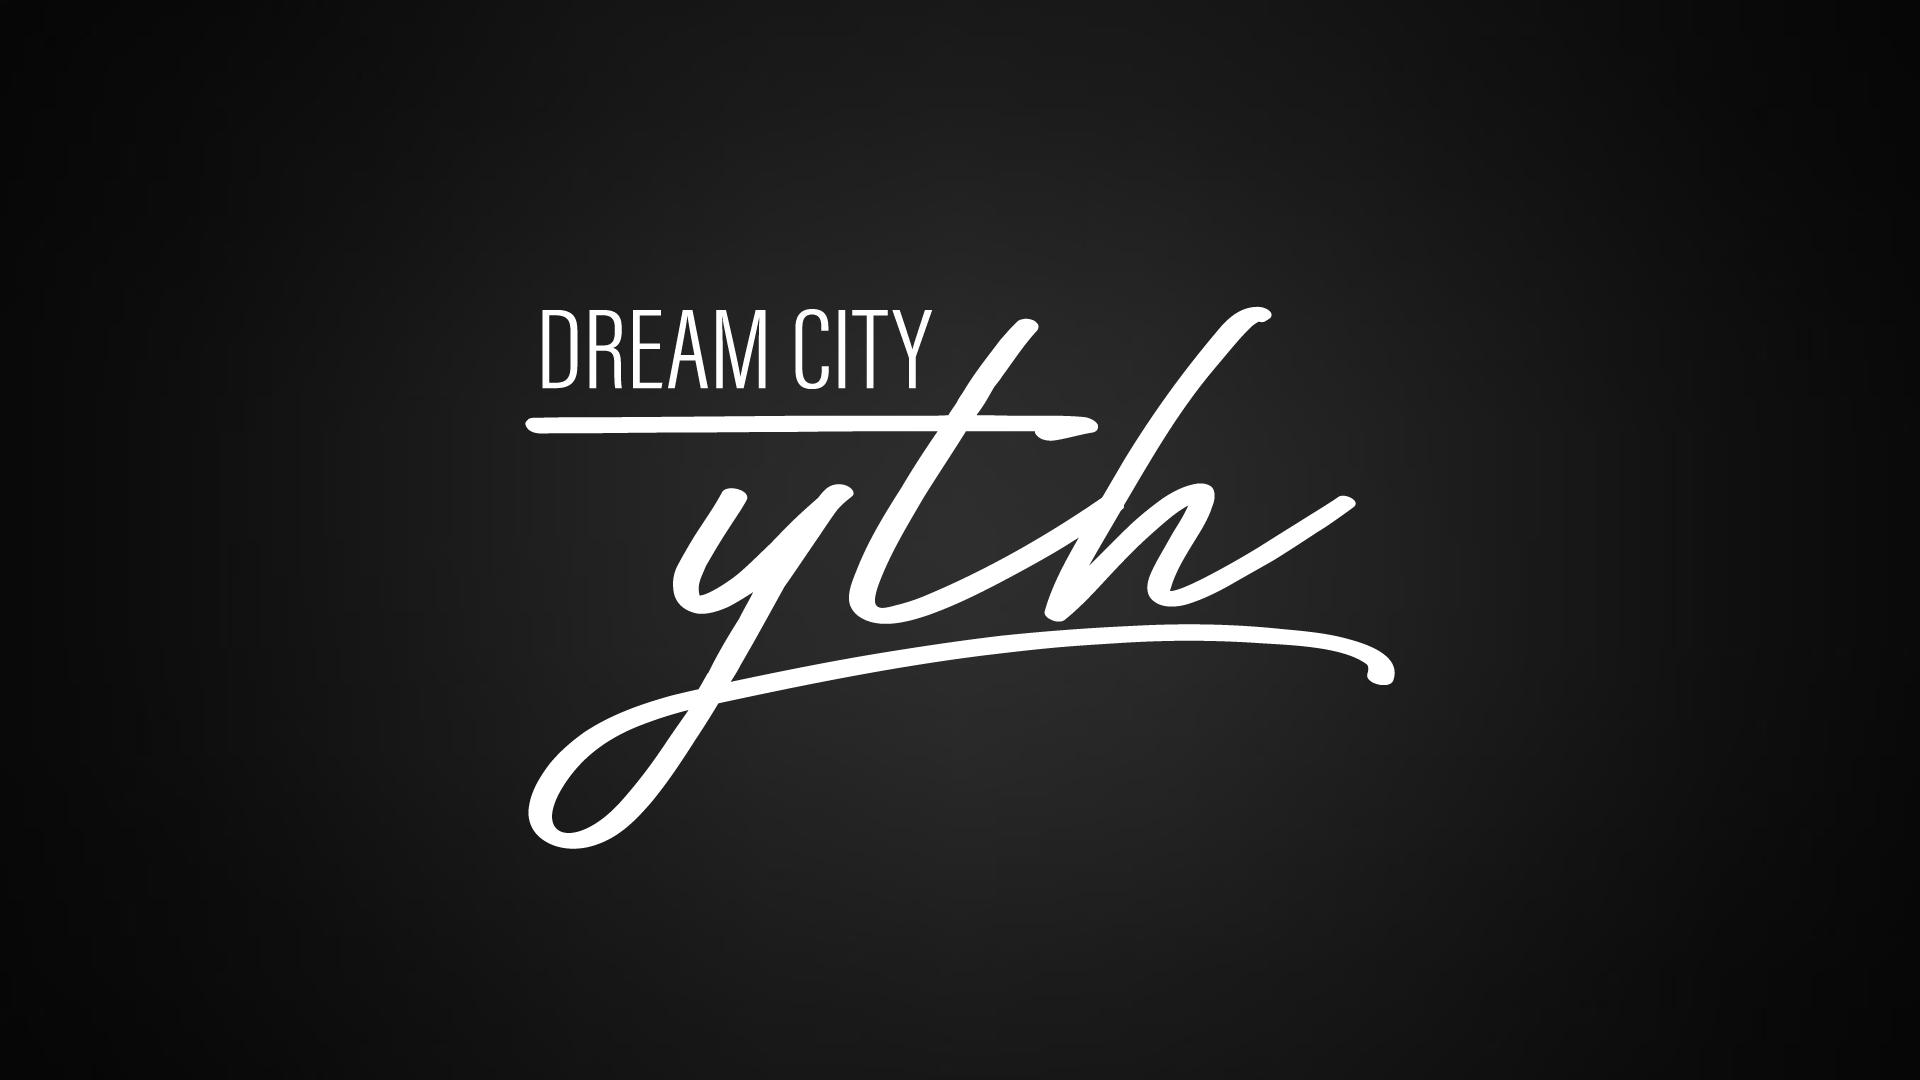 Dcyth logo 4x6 back